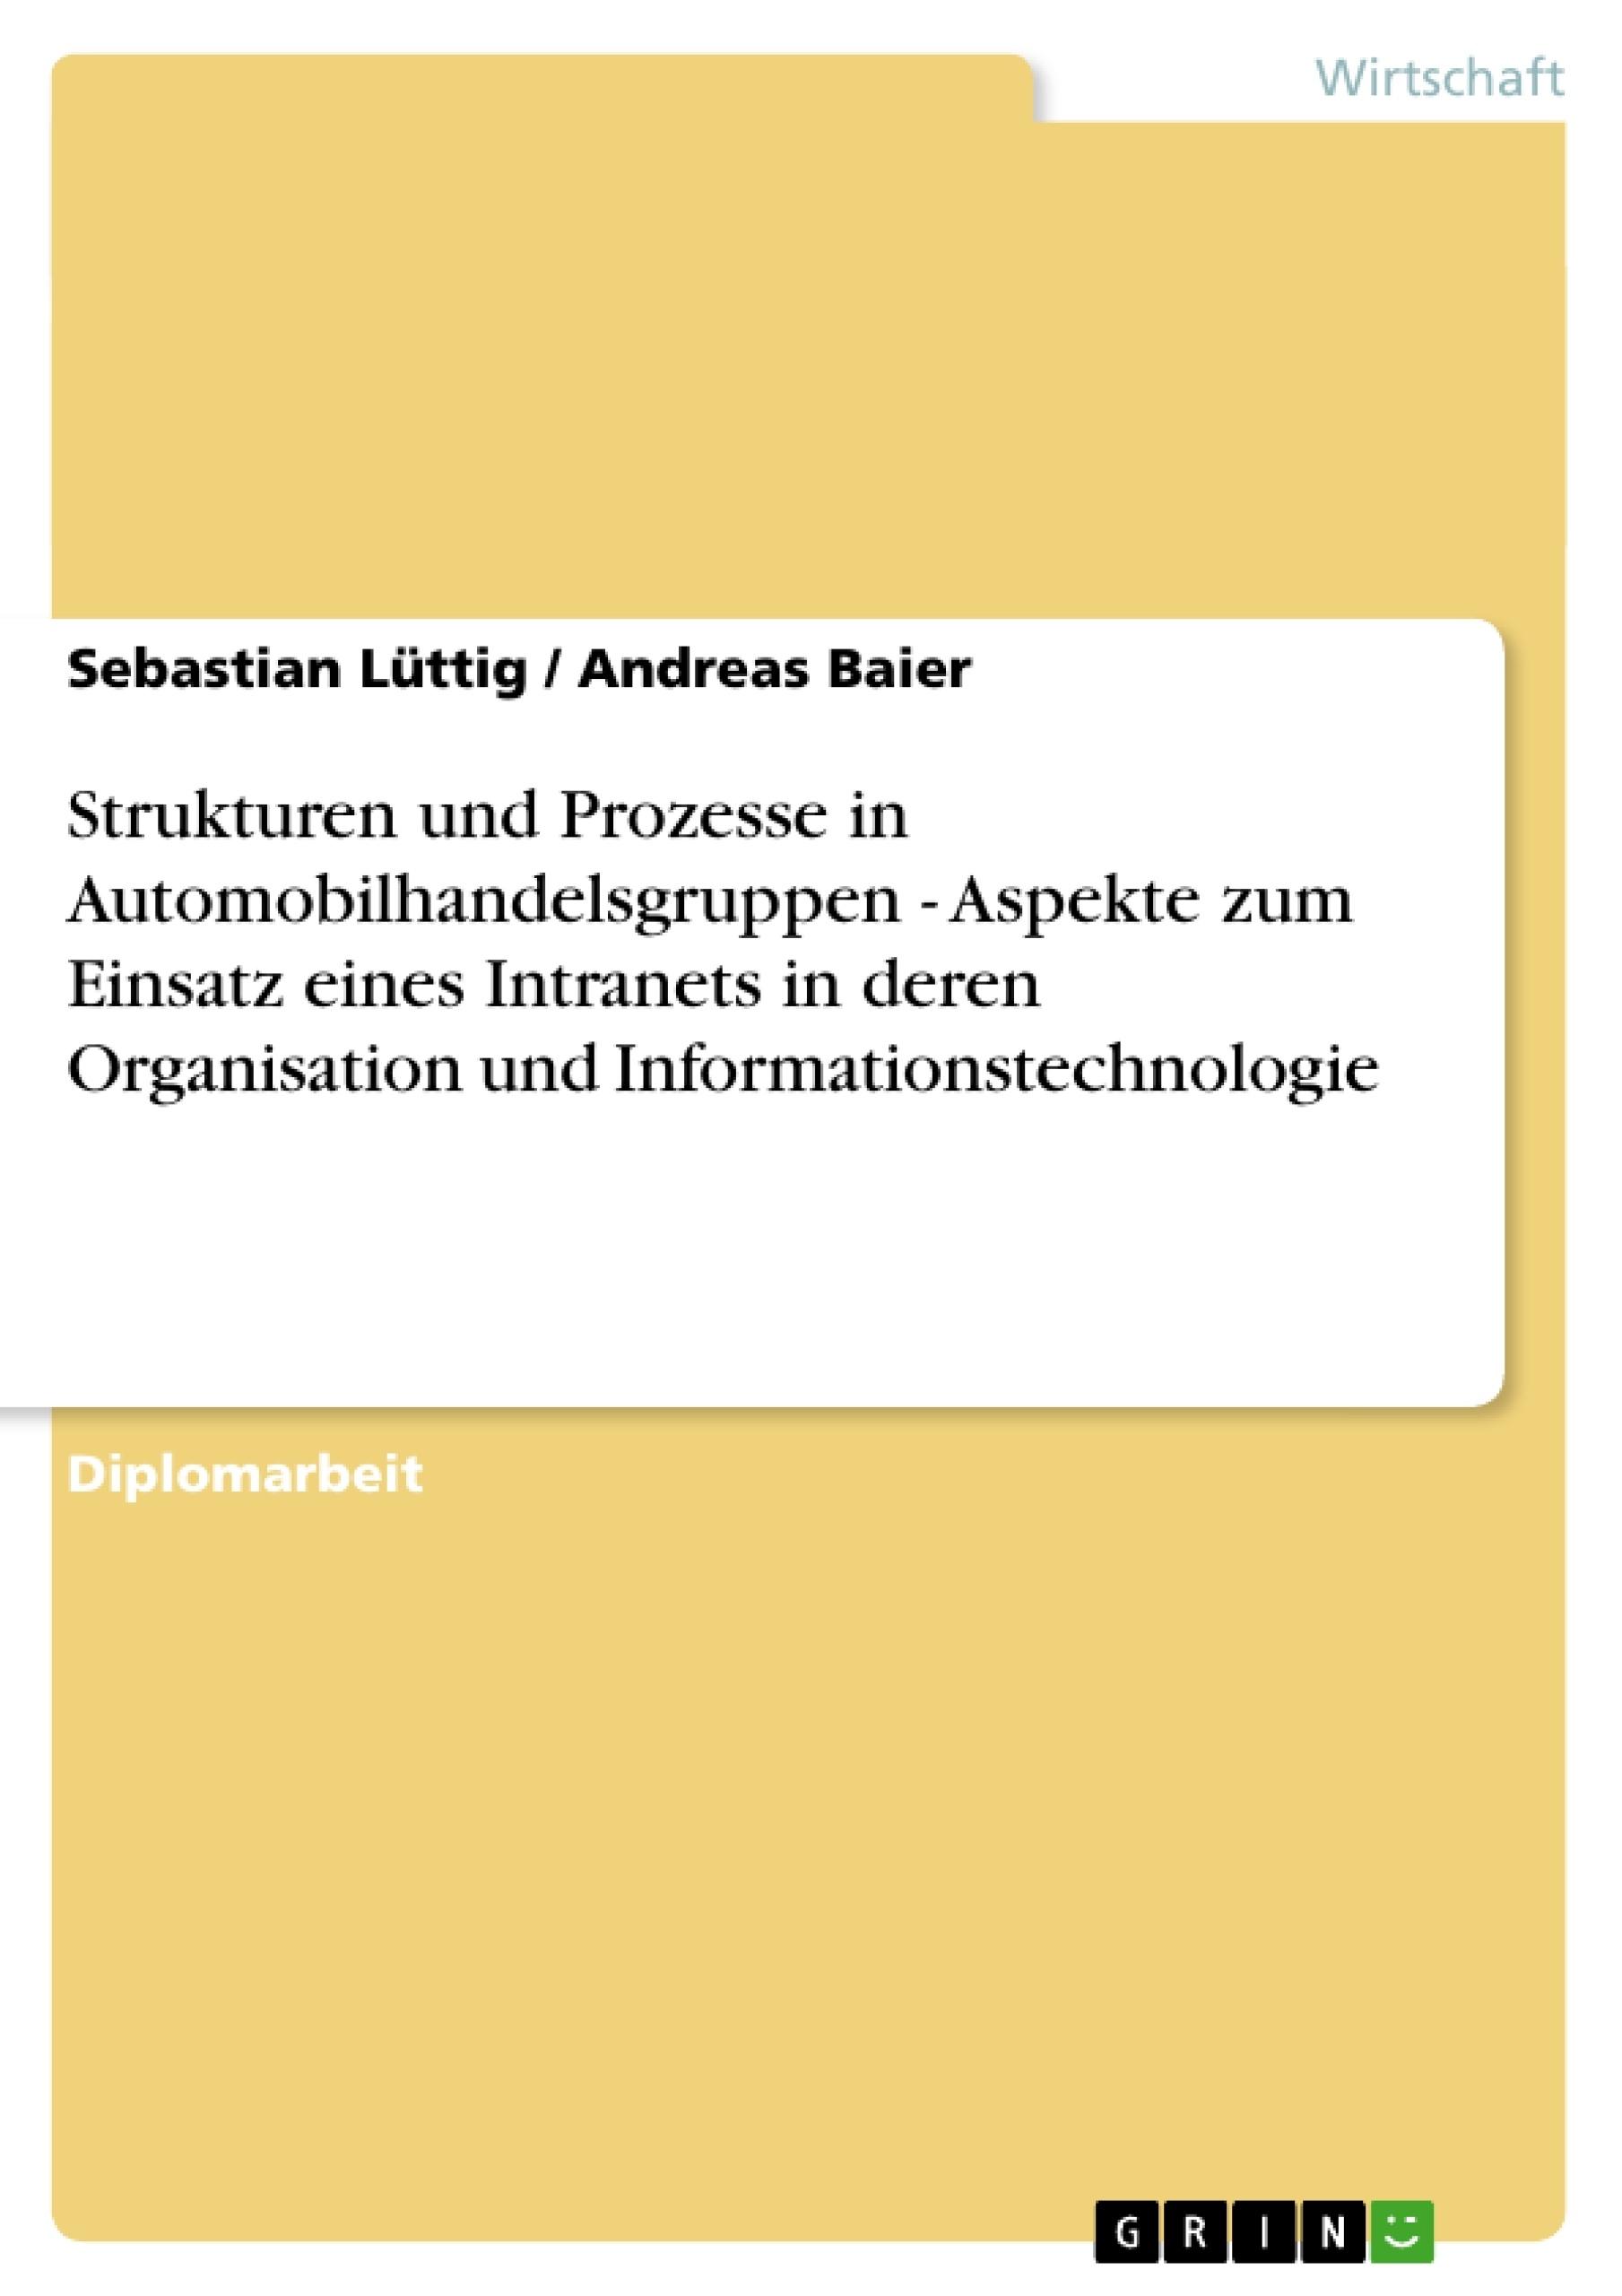 Titel: Strukturen und Prozesse in Automobilhandelsgruppen - Aspekte zum Einsatz eines Intranets in deren Organisation und Informationstechnologie